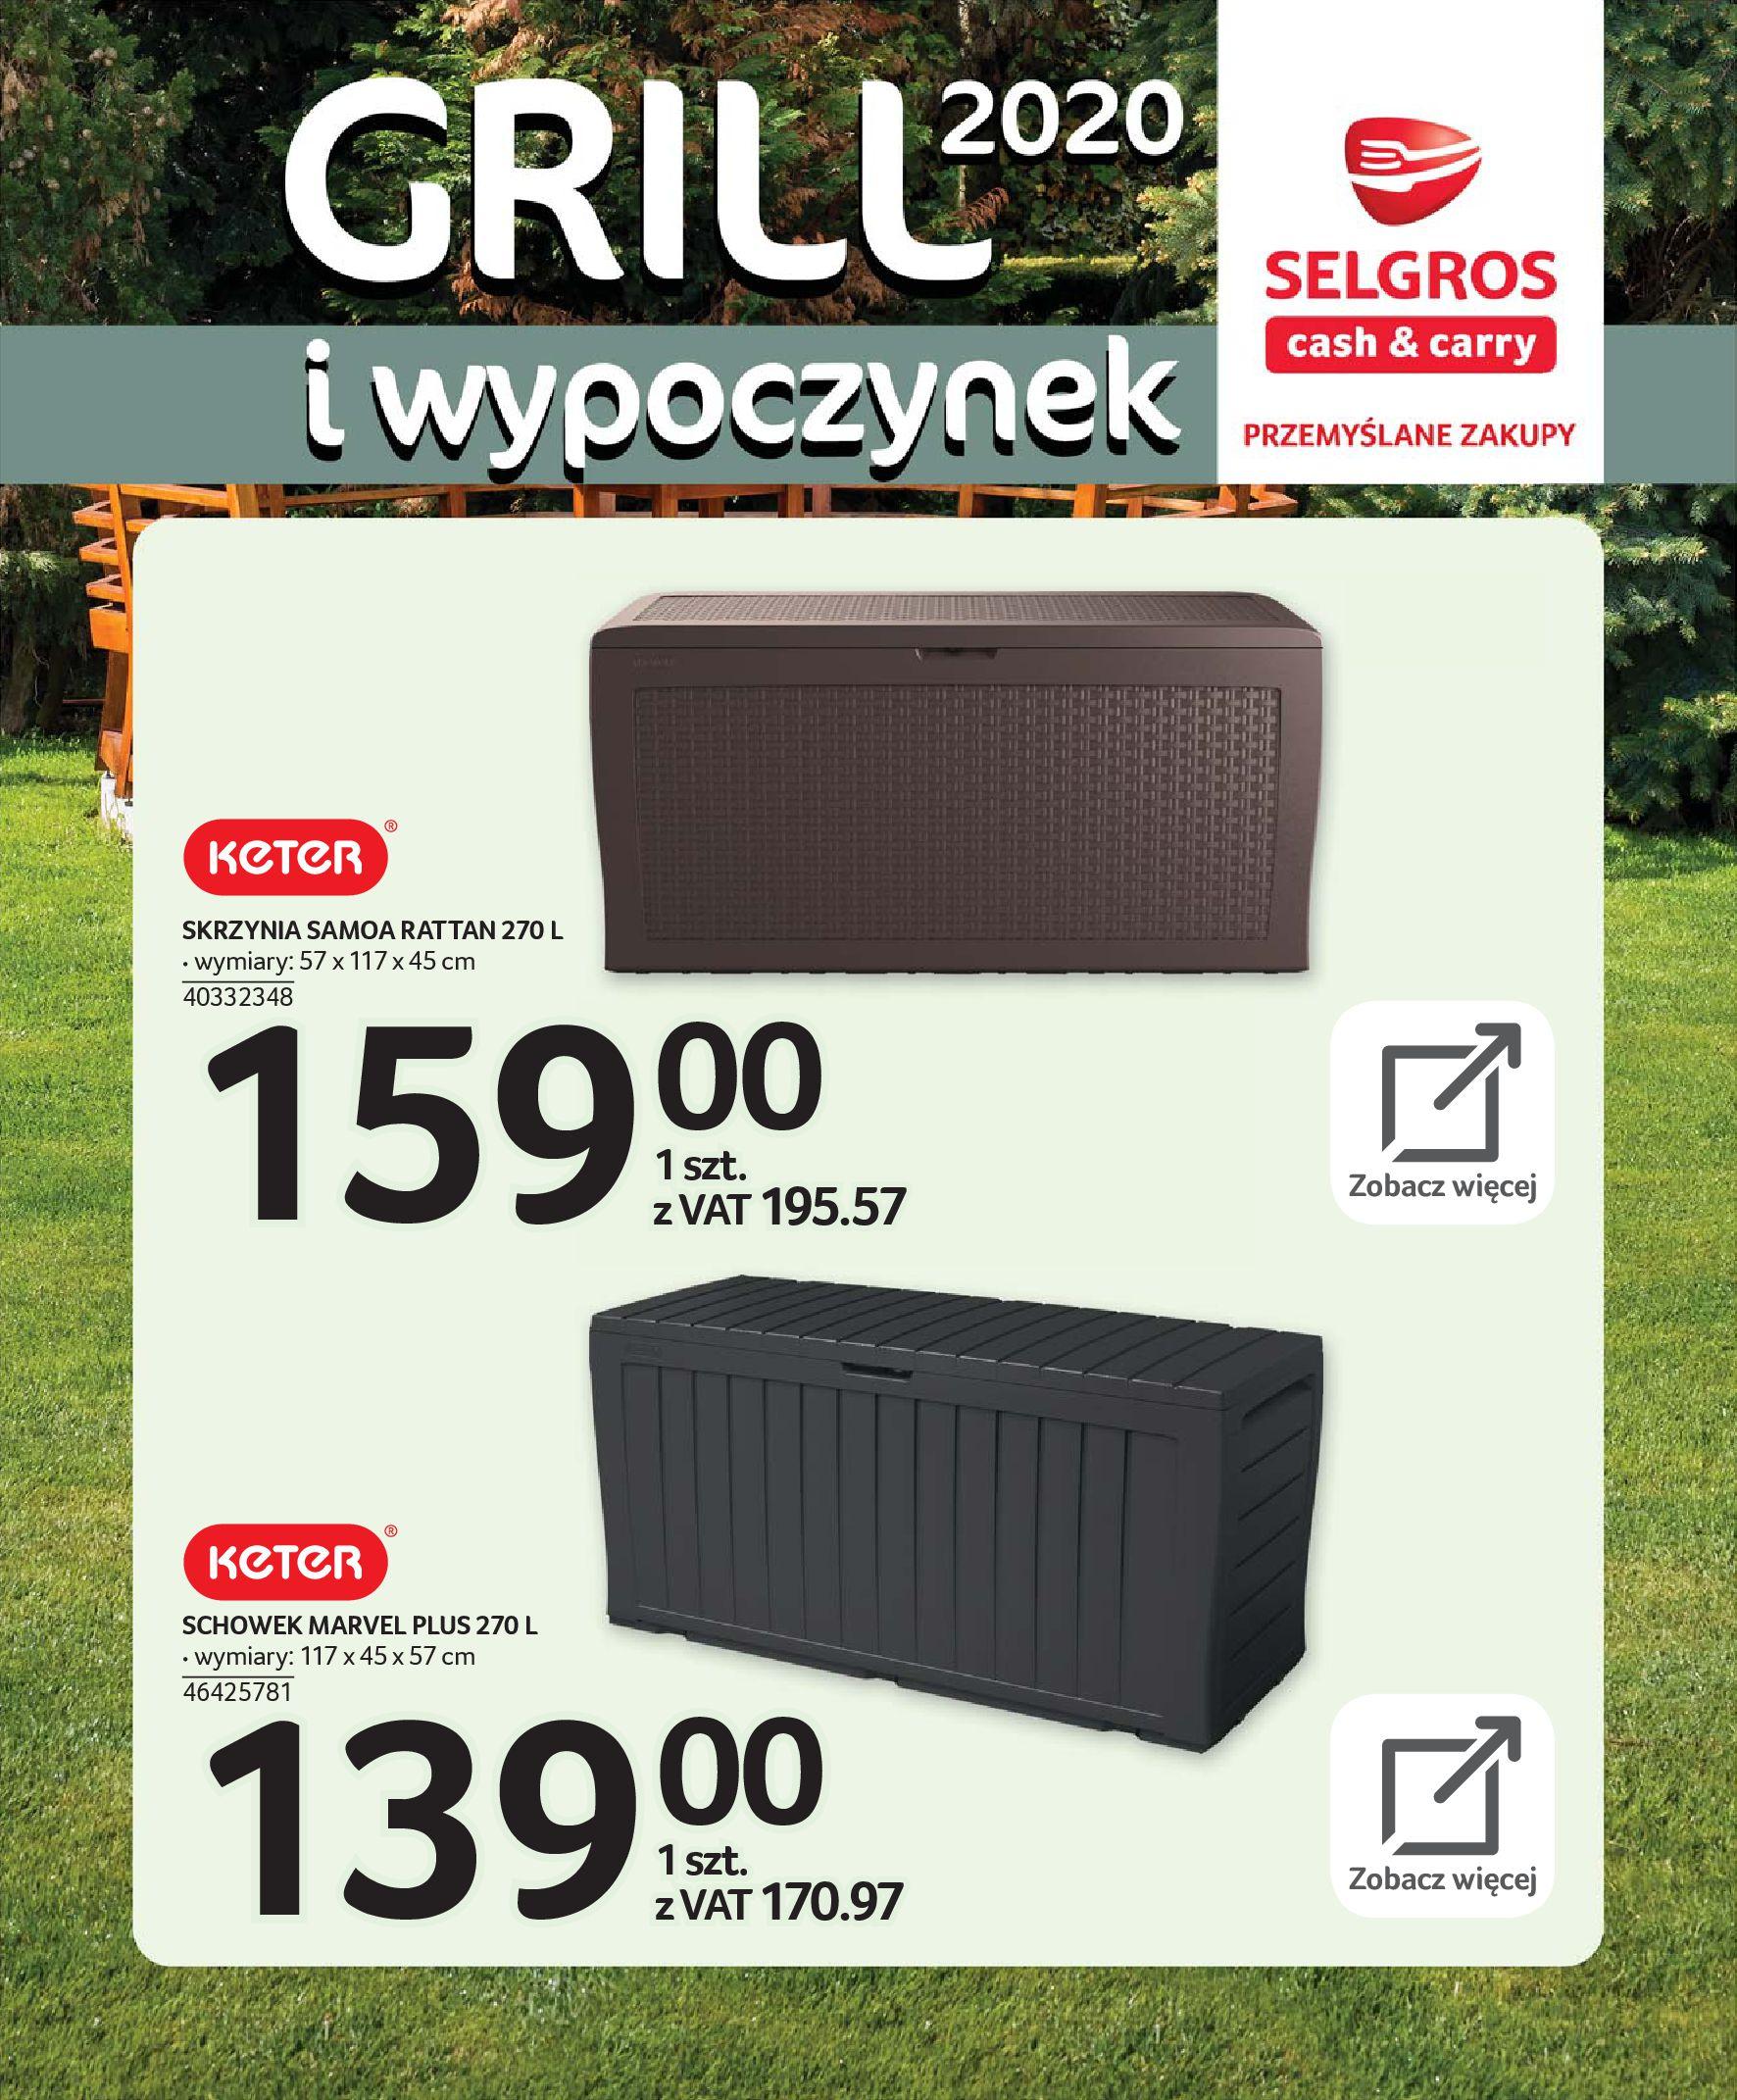 Gazetka Selgros - Katalog - Grill i wypoczynek-31.03.2020-31.08.2020-page-30